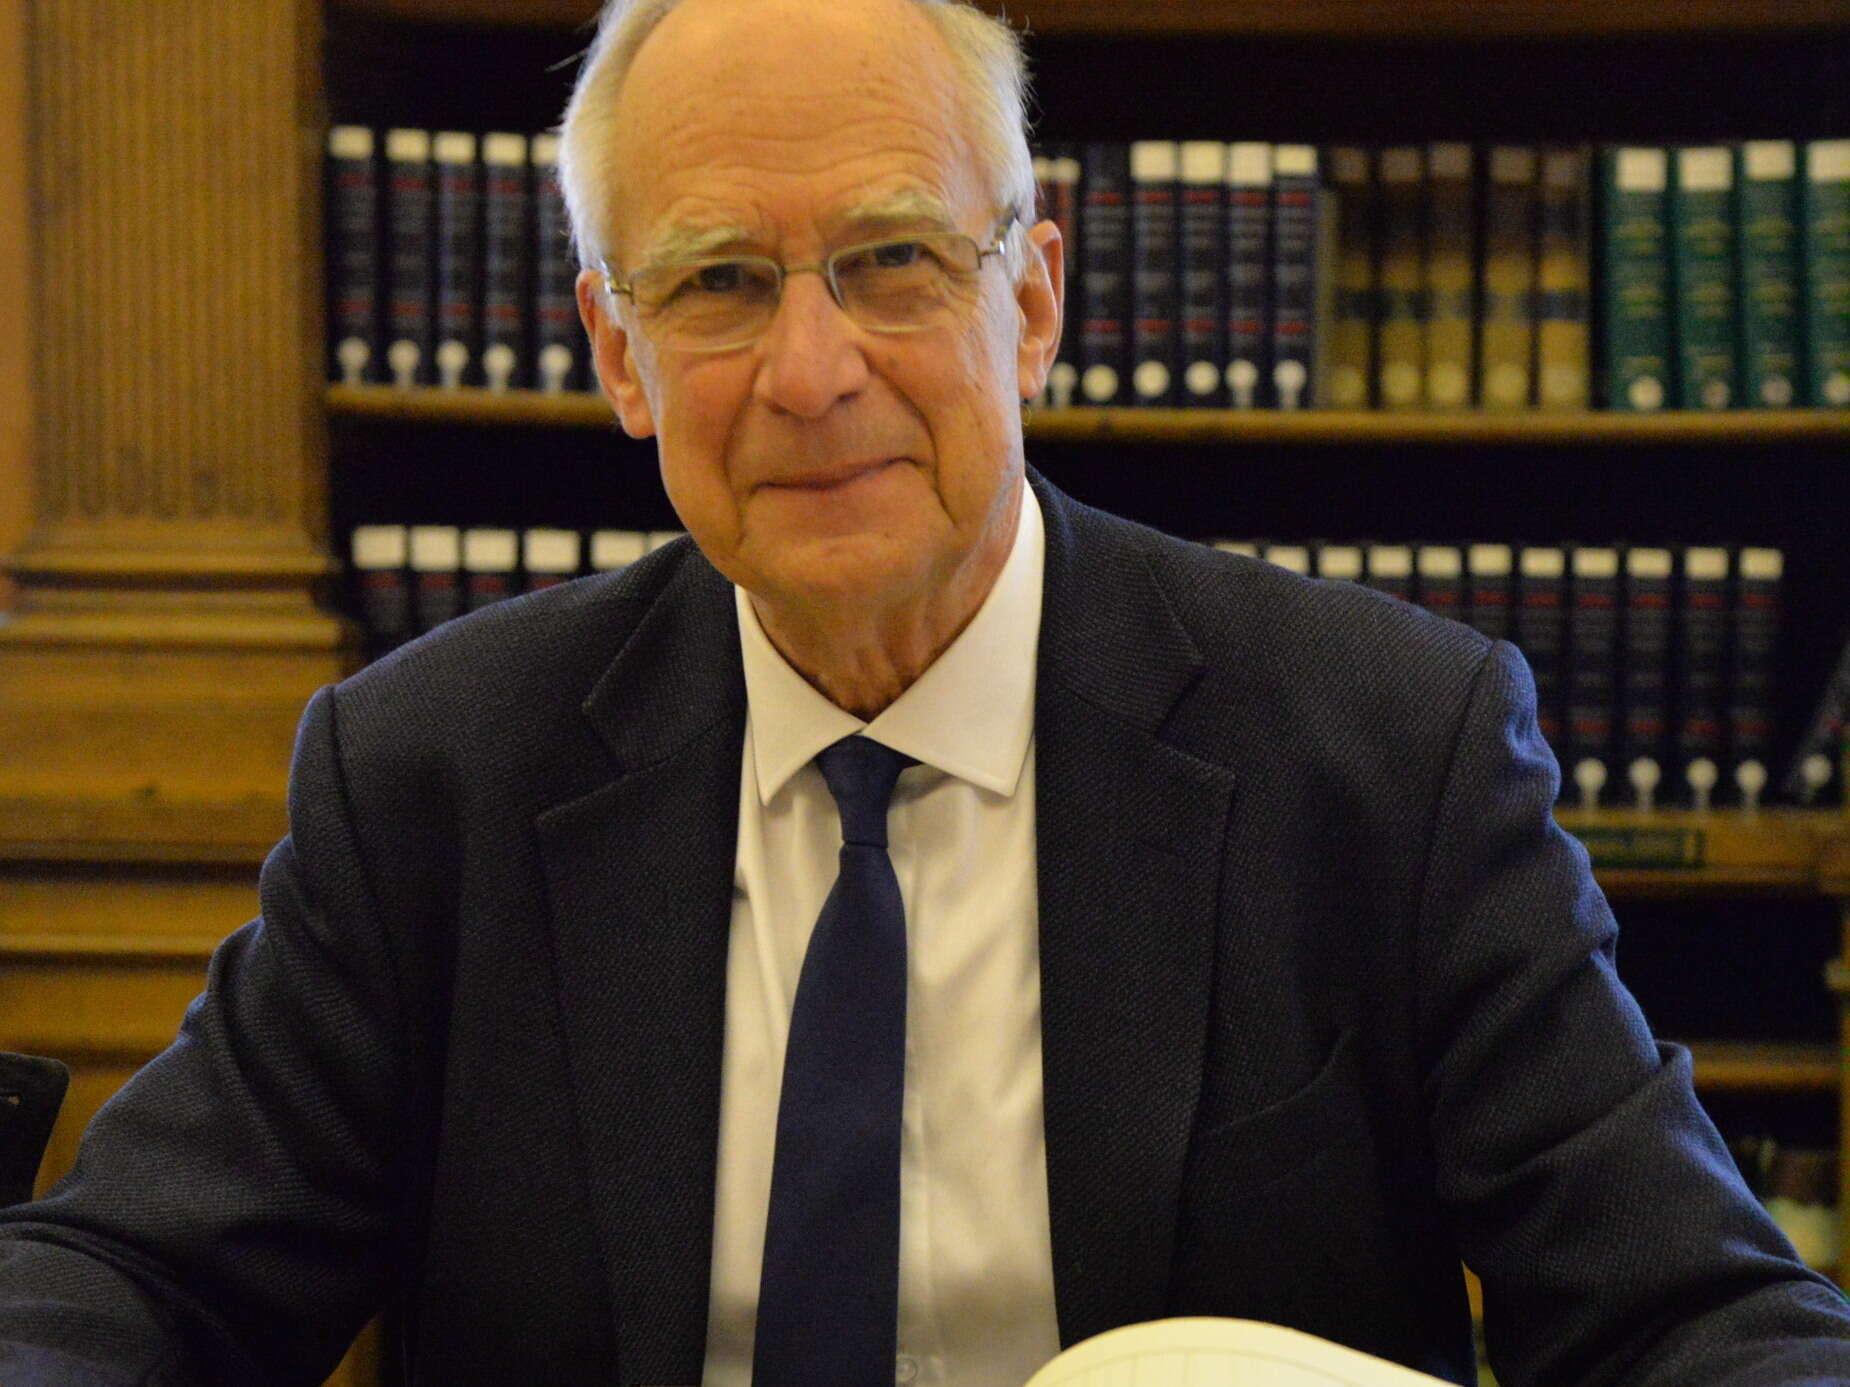 Dr. Pierre Corvol Médecin et chercheur, Président de l'Académie des sciences